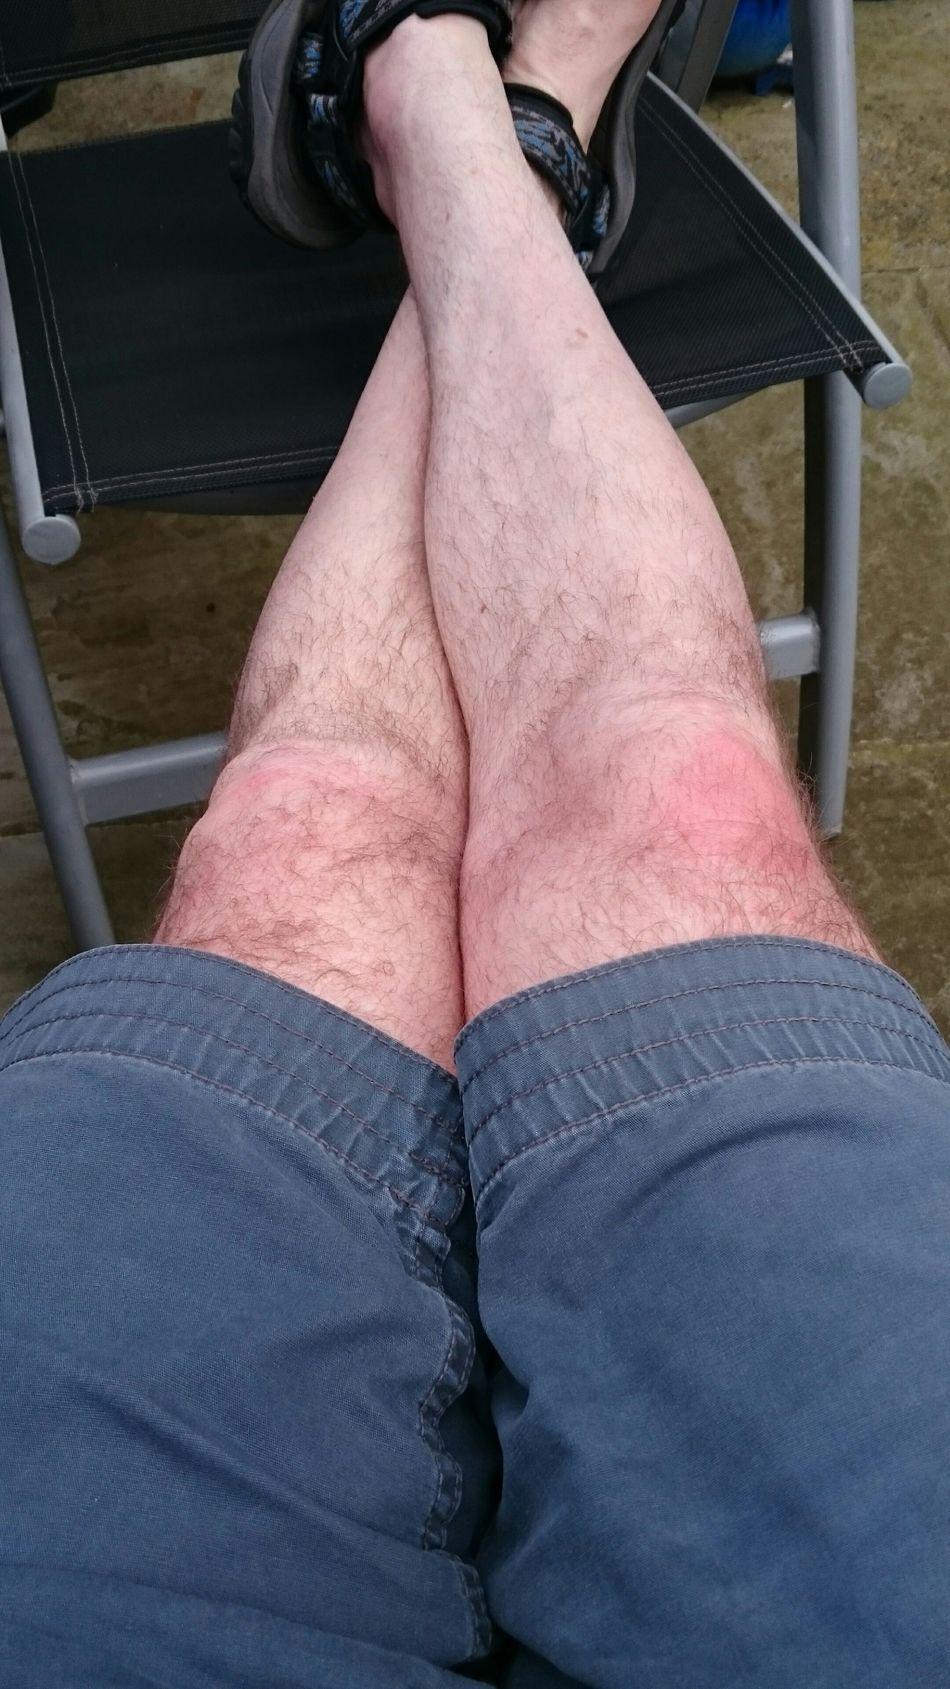 Legs Not So Pretty Selfie